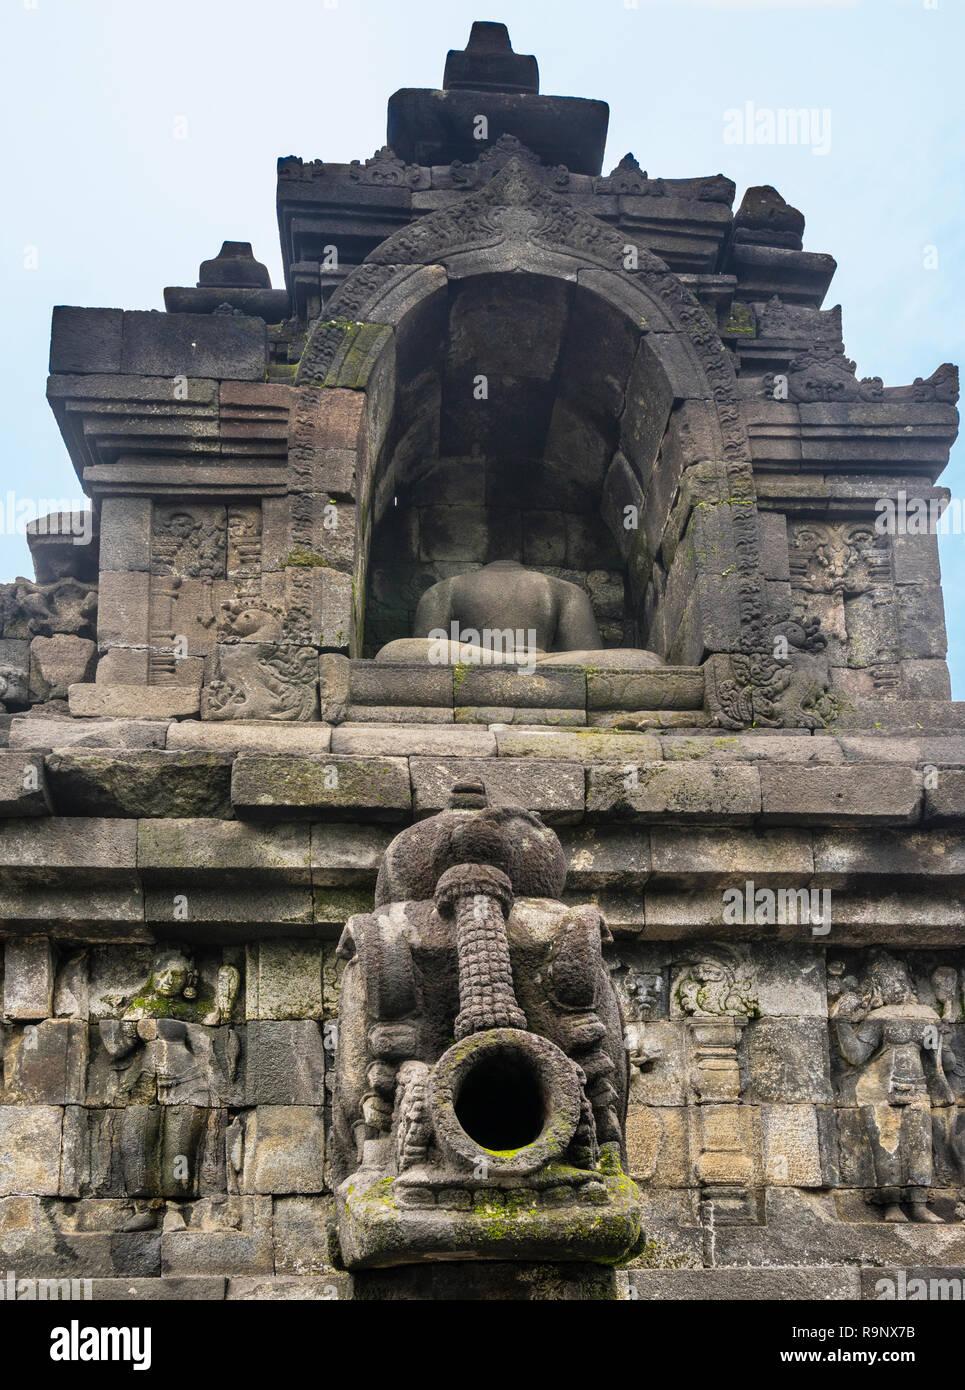 monumentos indonesia niña sentada en una silla